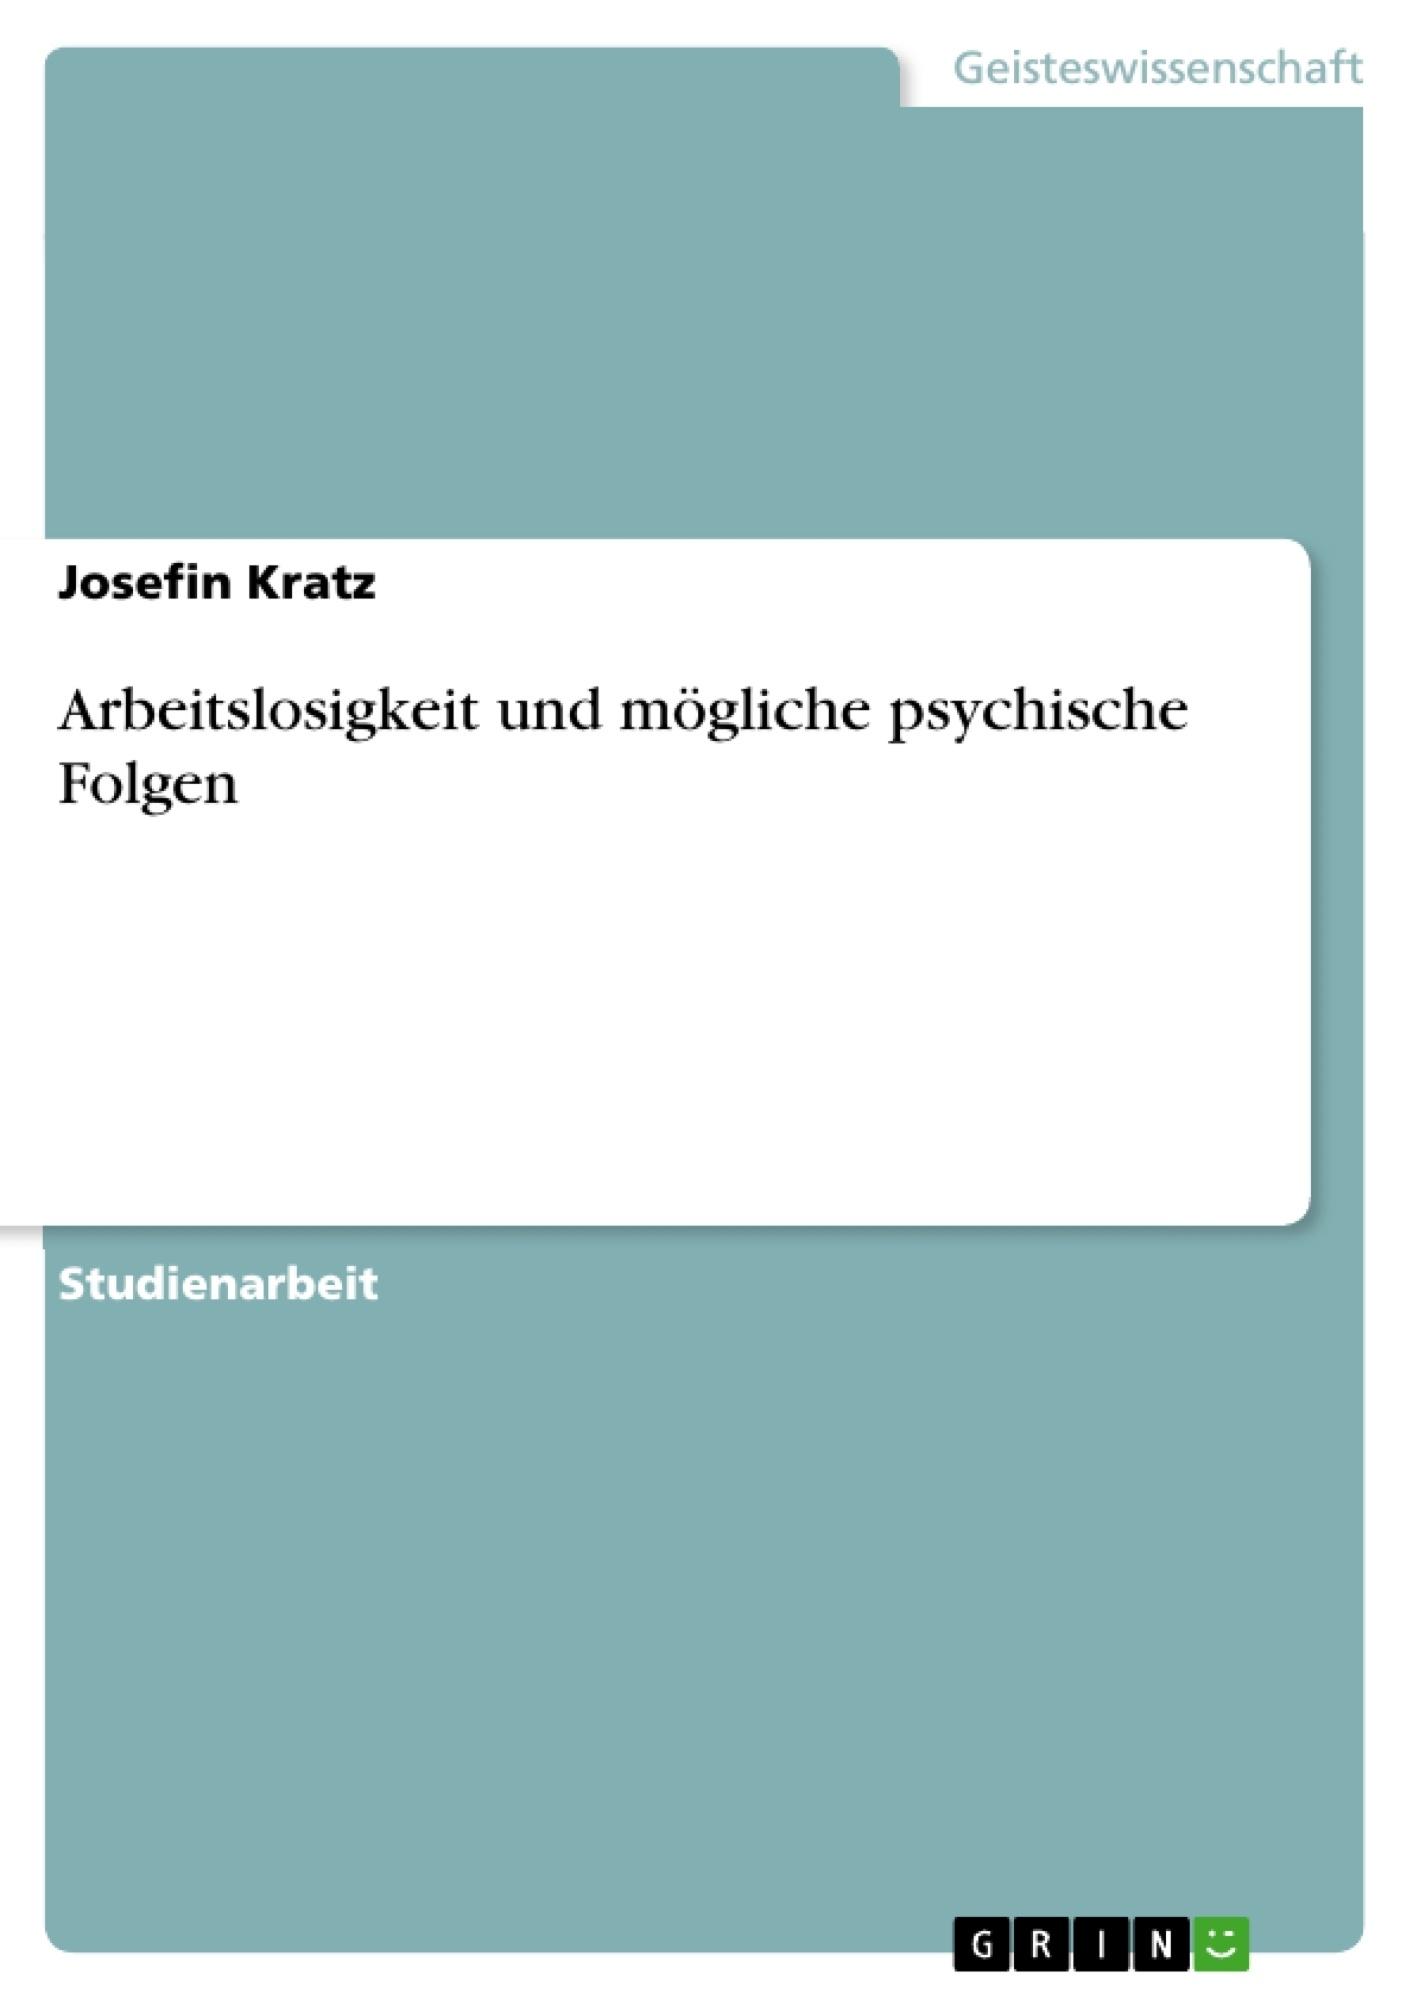 Titel: Arbeitslosigkeit und mögliche psychische Folgen